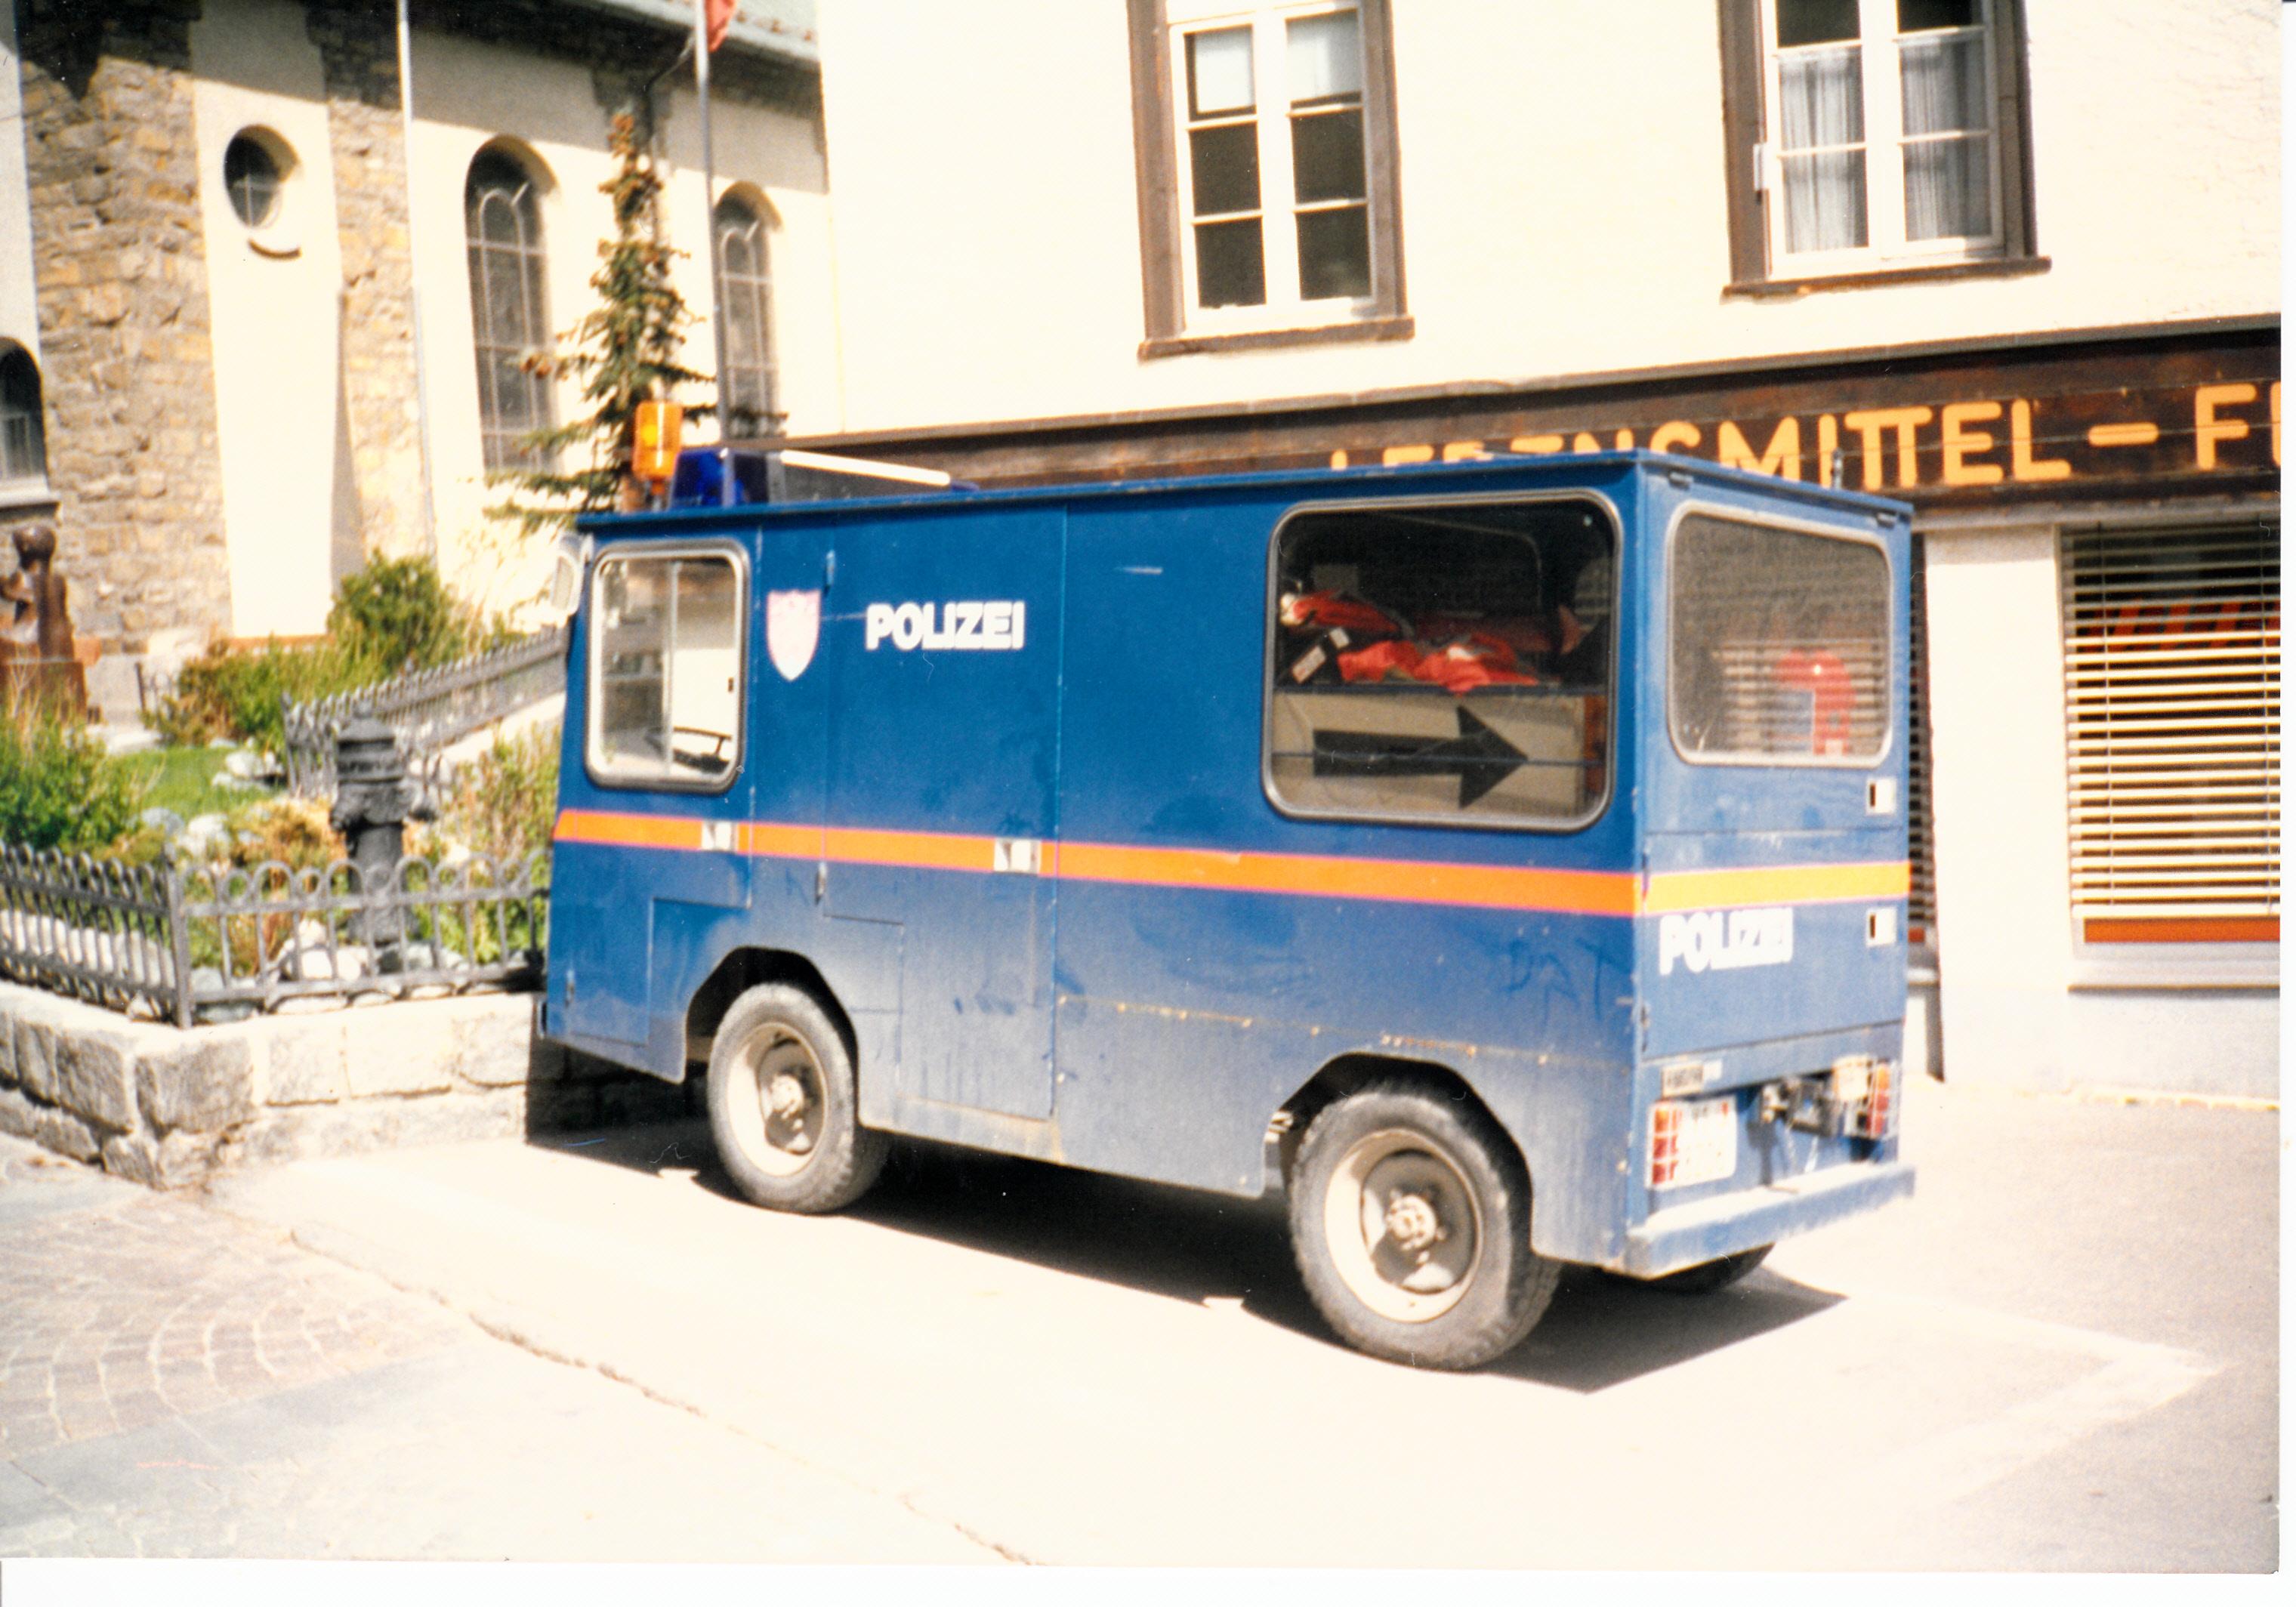 Policejní elektromobil ve švýcarském Zermattu na snímku z roku 1993.